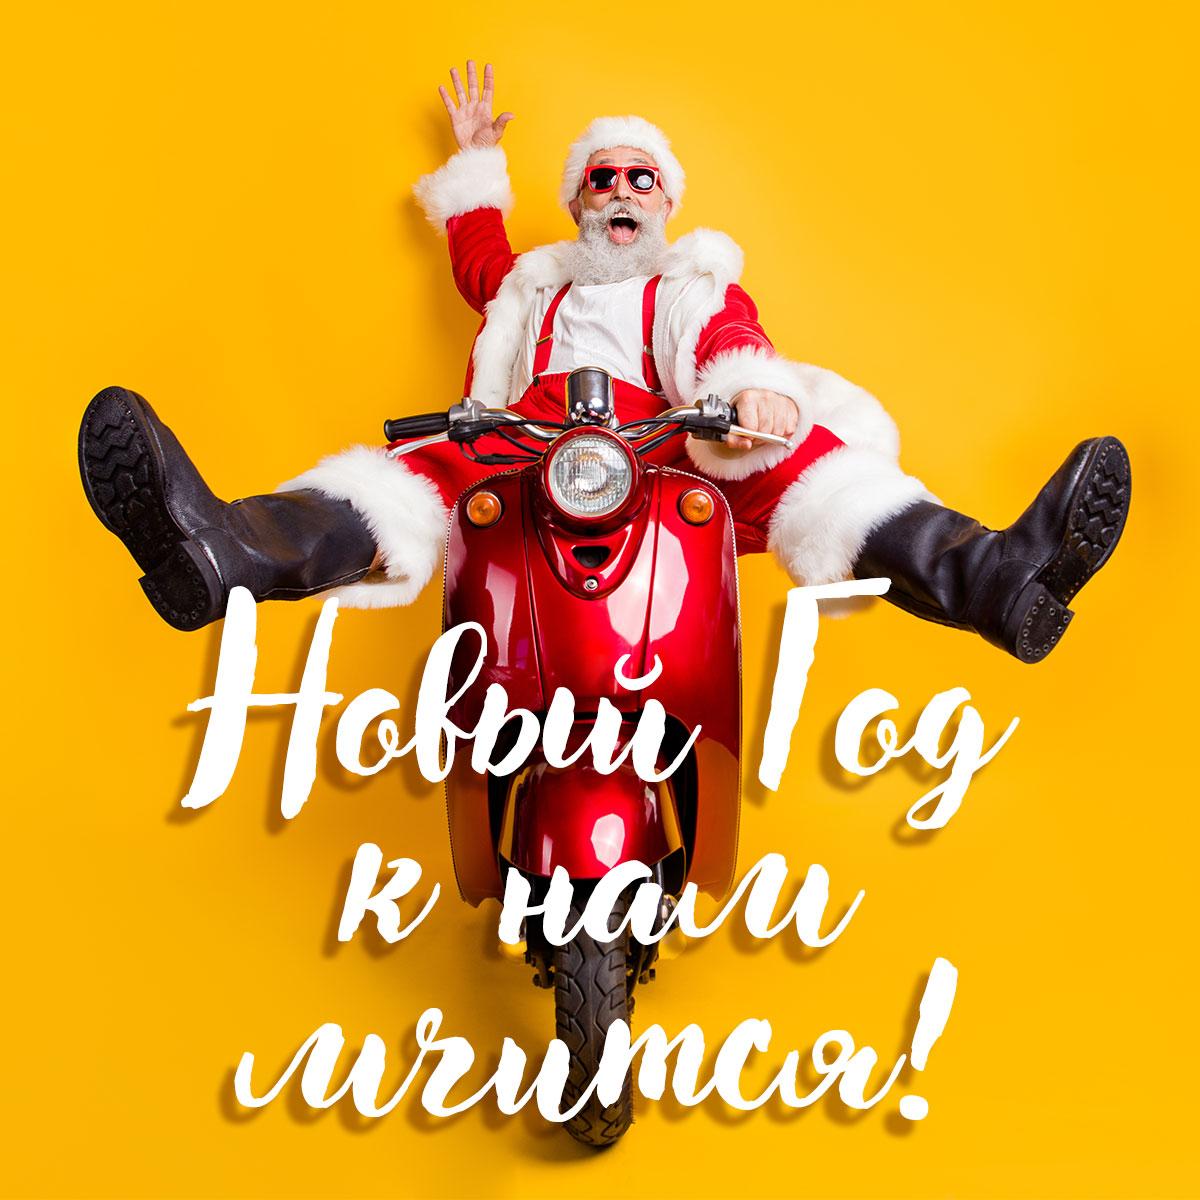 Фотография Санта Клауса в солнечных очках на красном скутере.